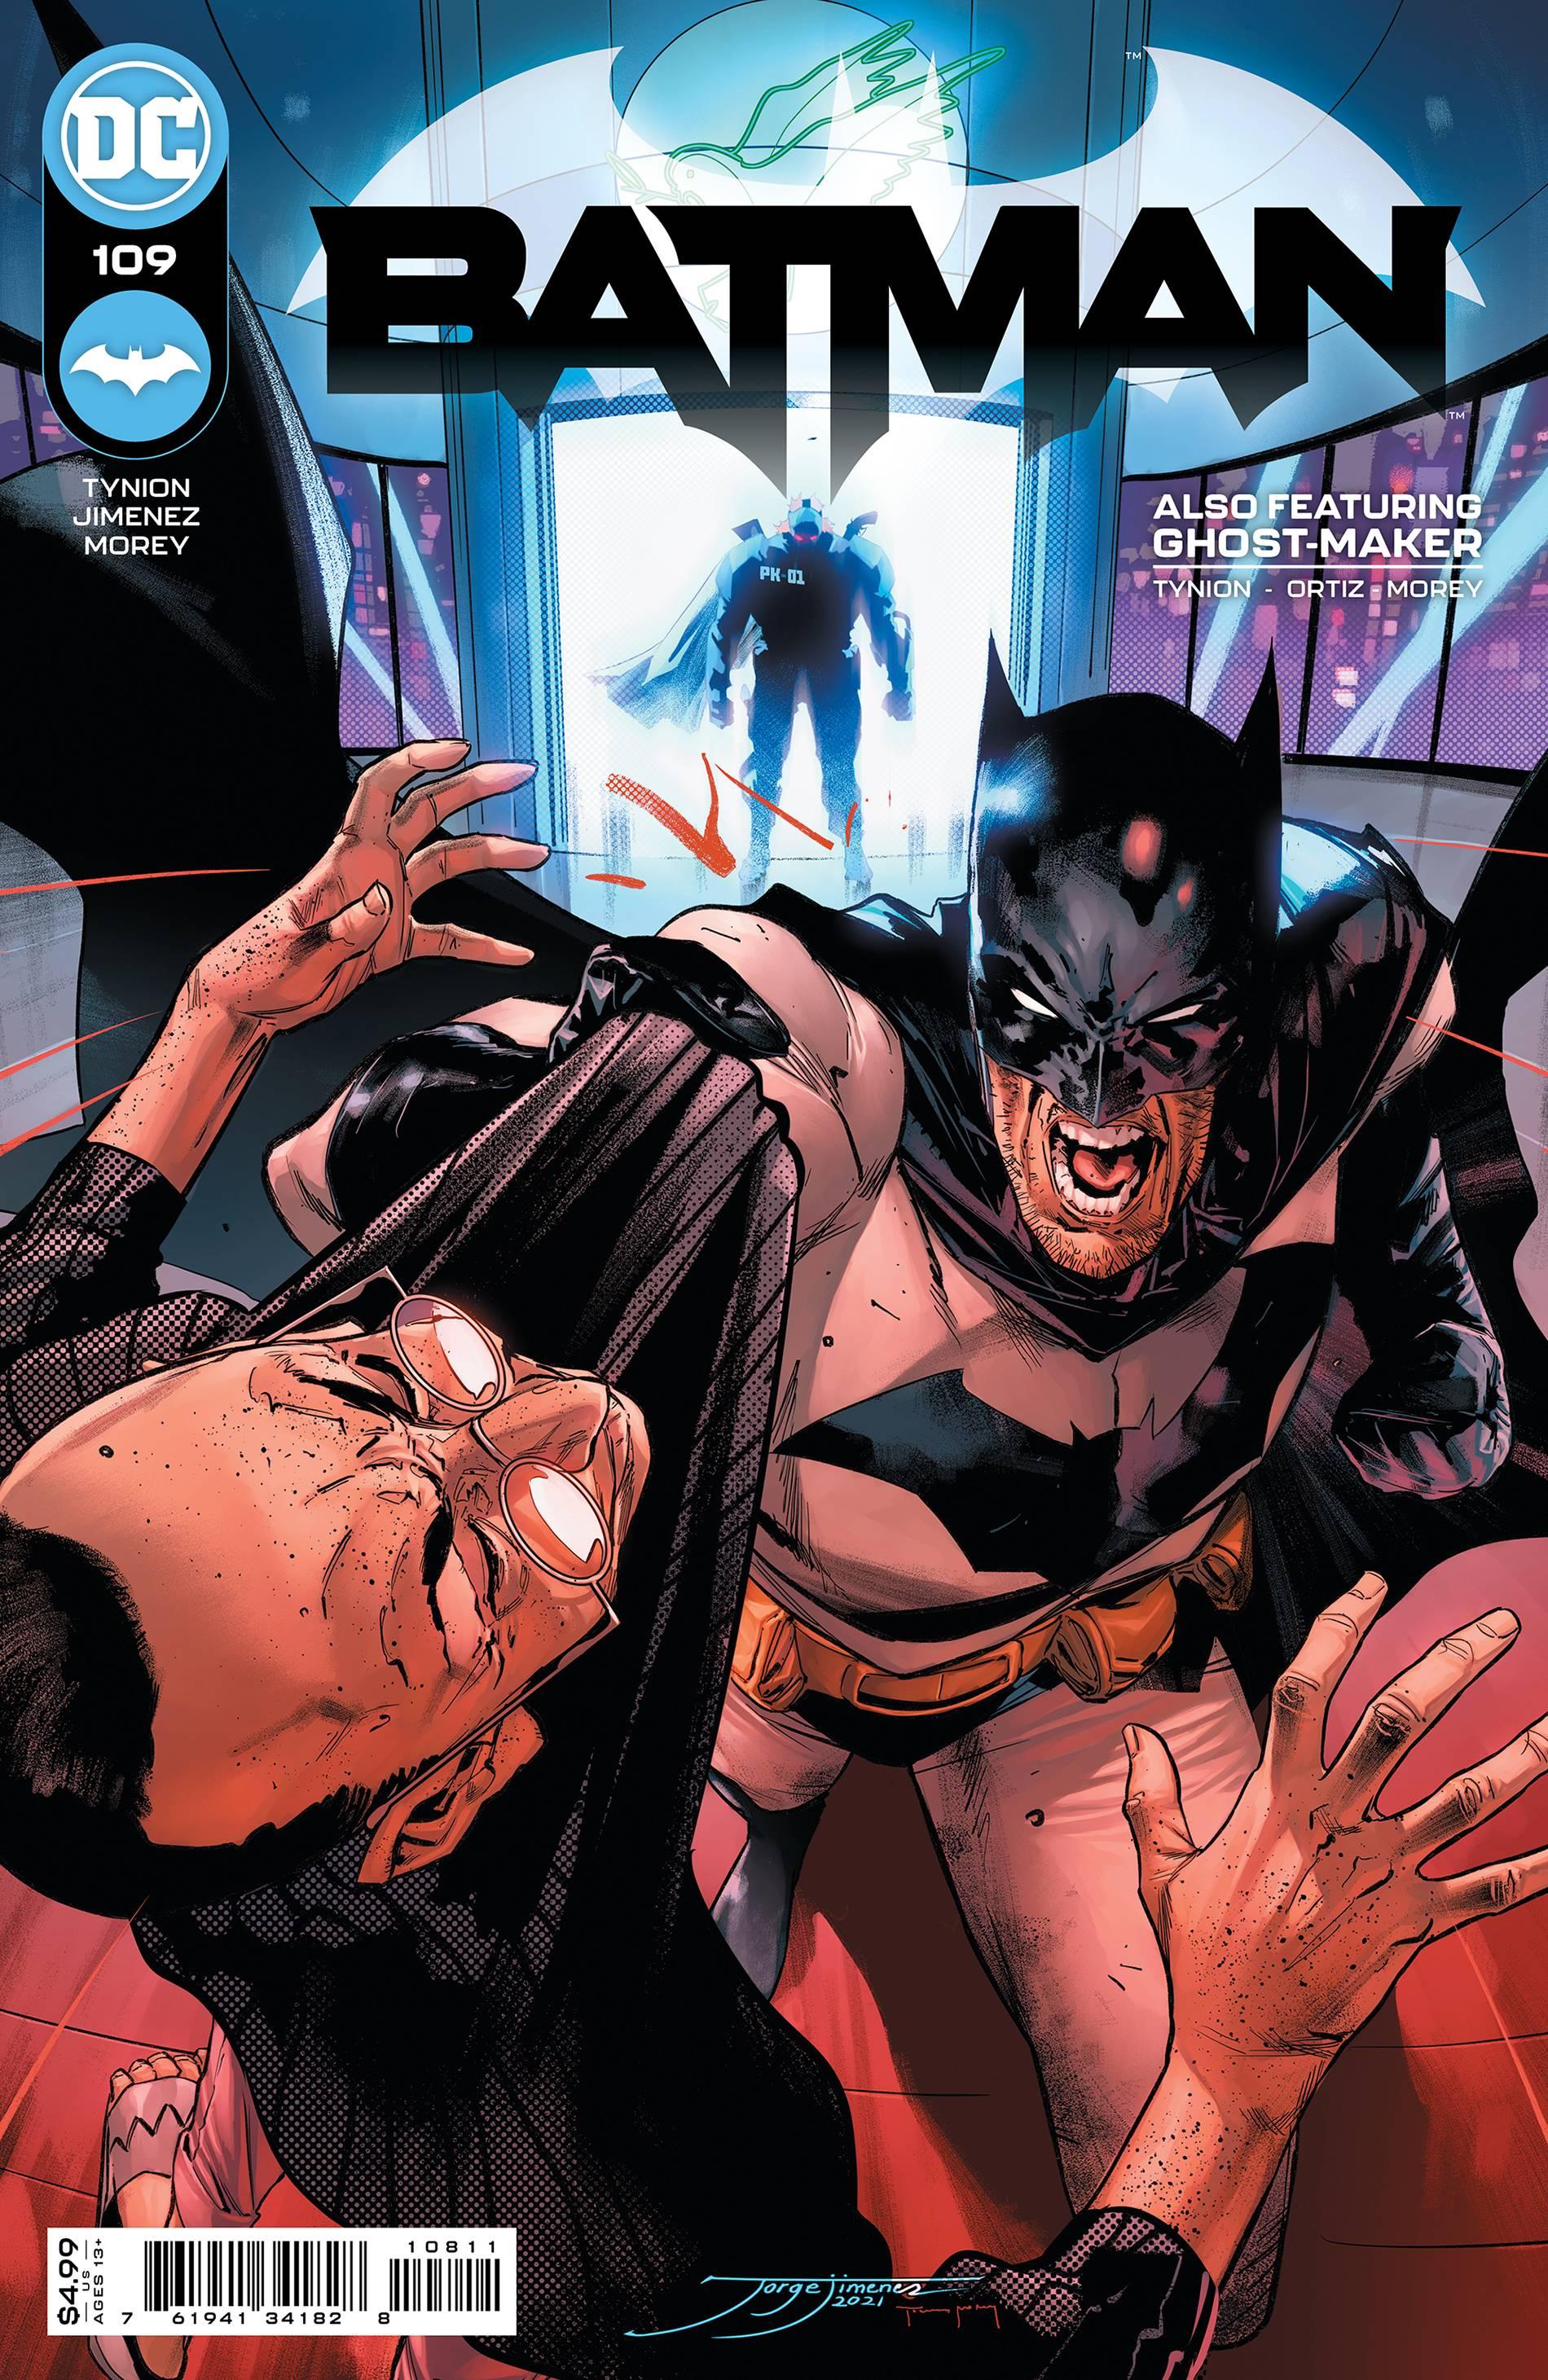 BATMAN #109 CVR A JIMENEZ (MR)